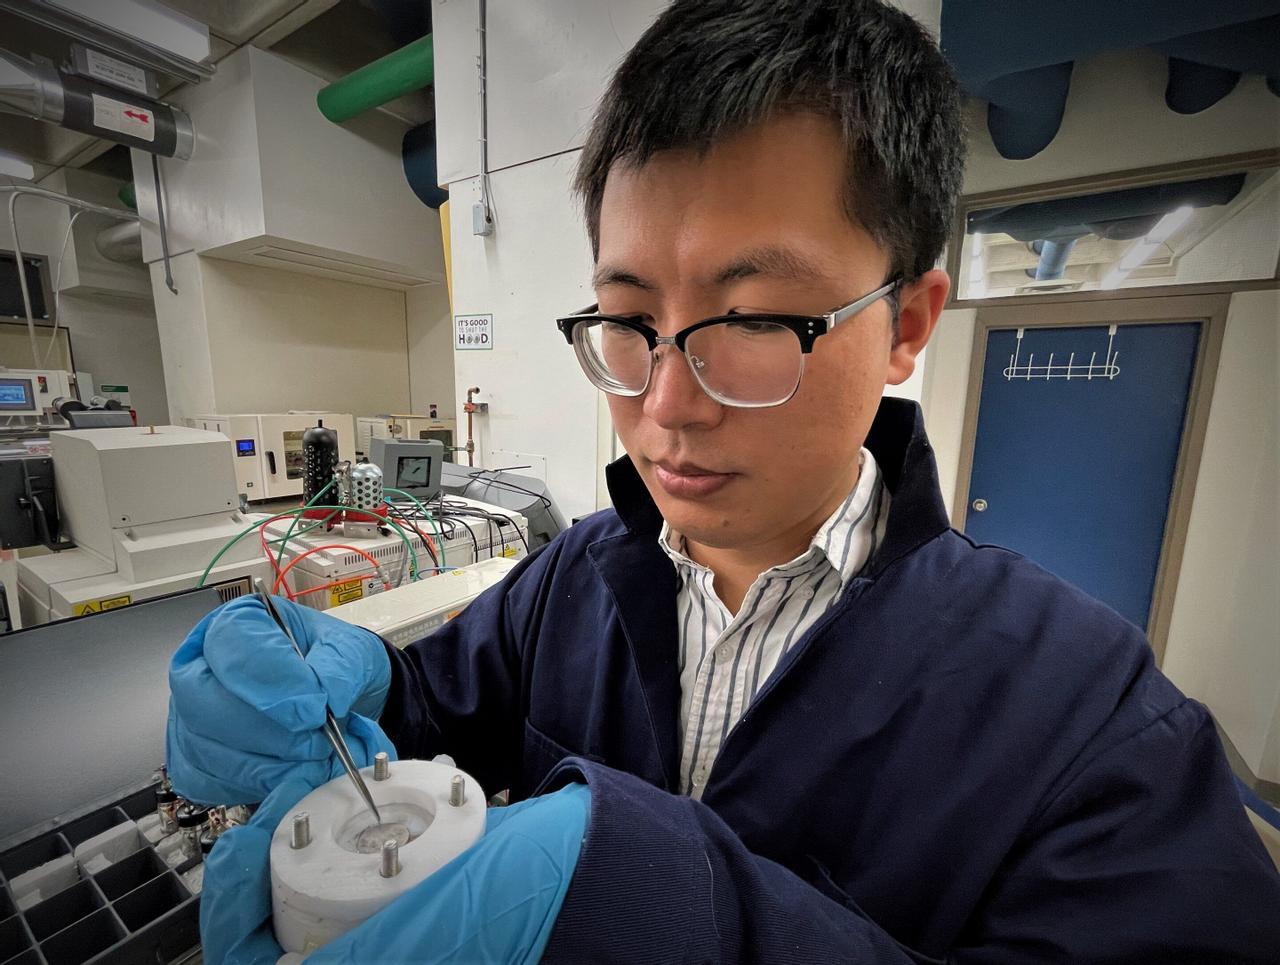 Благодаря новой разработке инженера Тао Гао, аккумуляторы для электромобиля можно зарядить за 10 минут